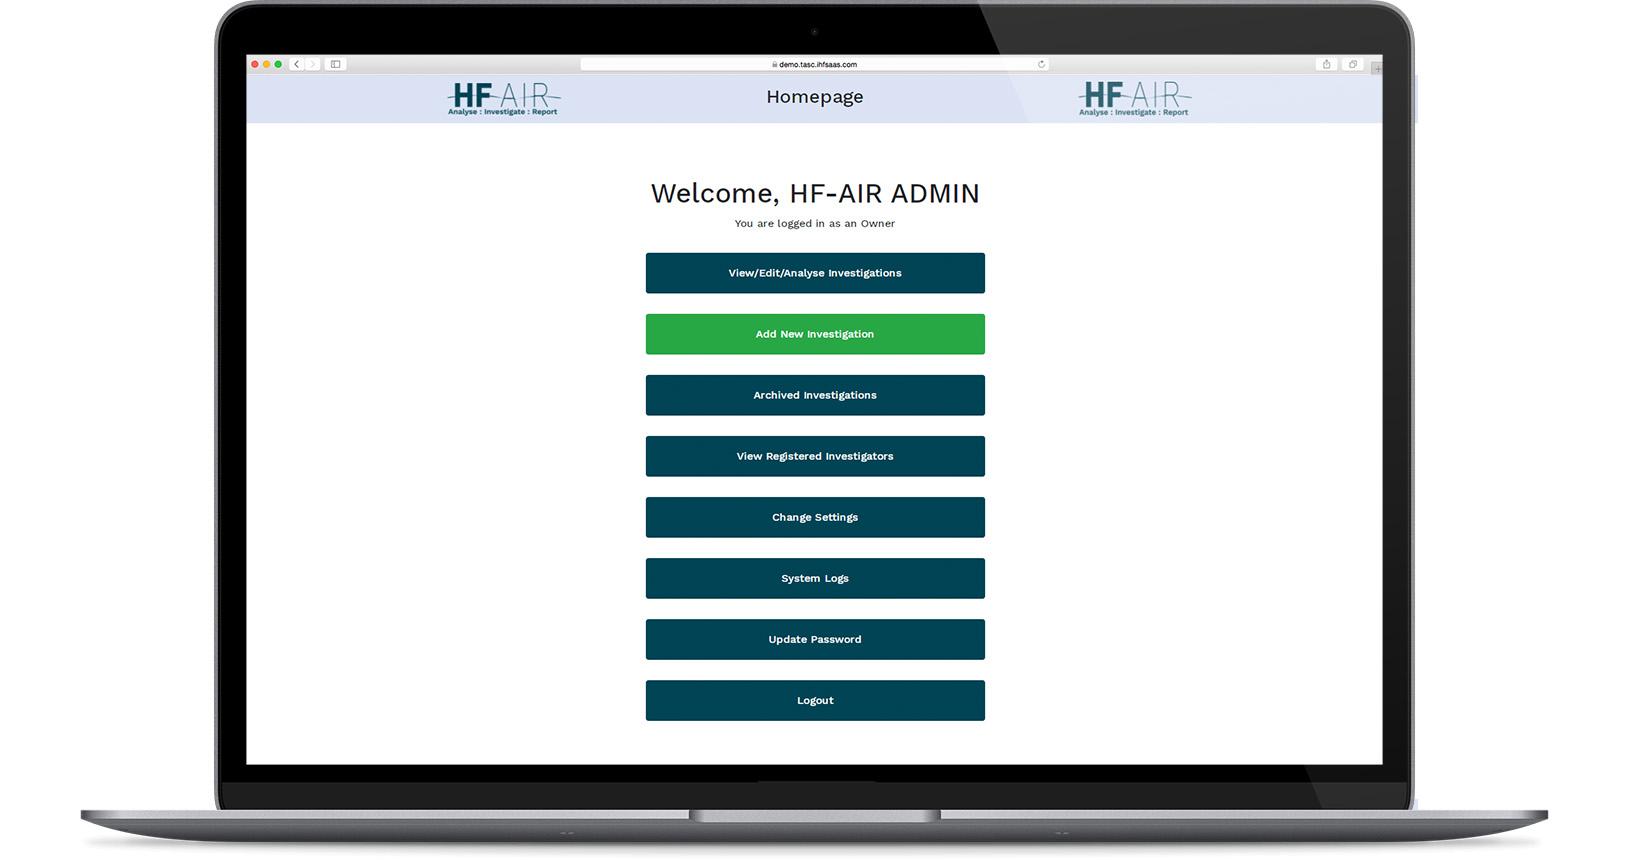 HF-Air-Home